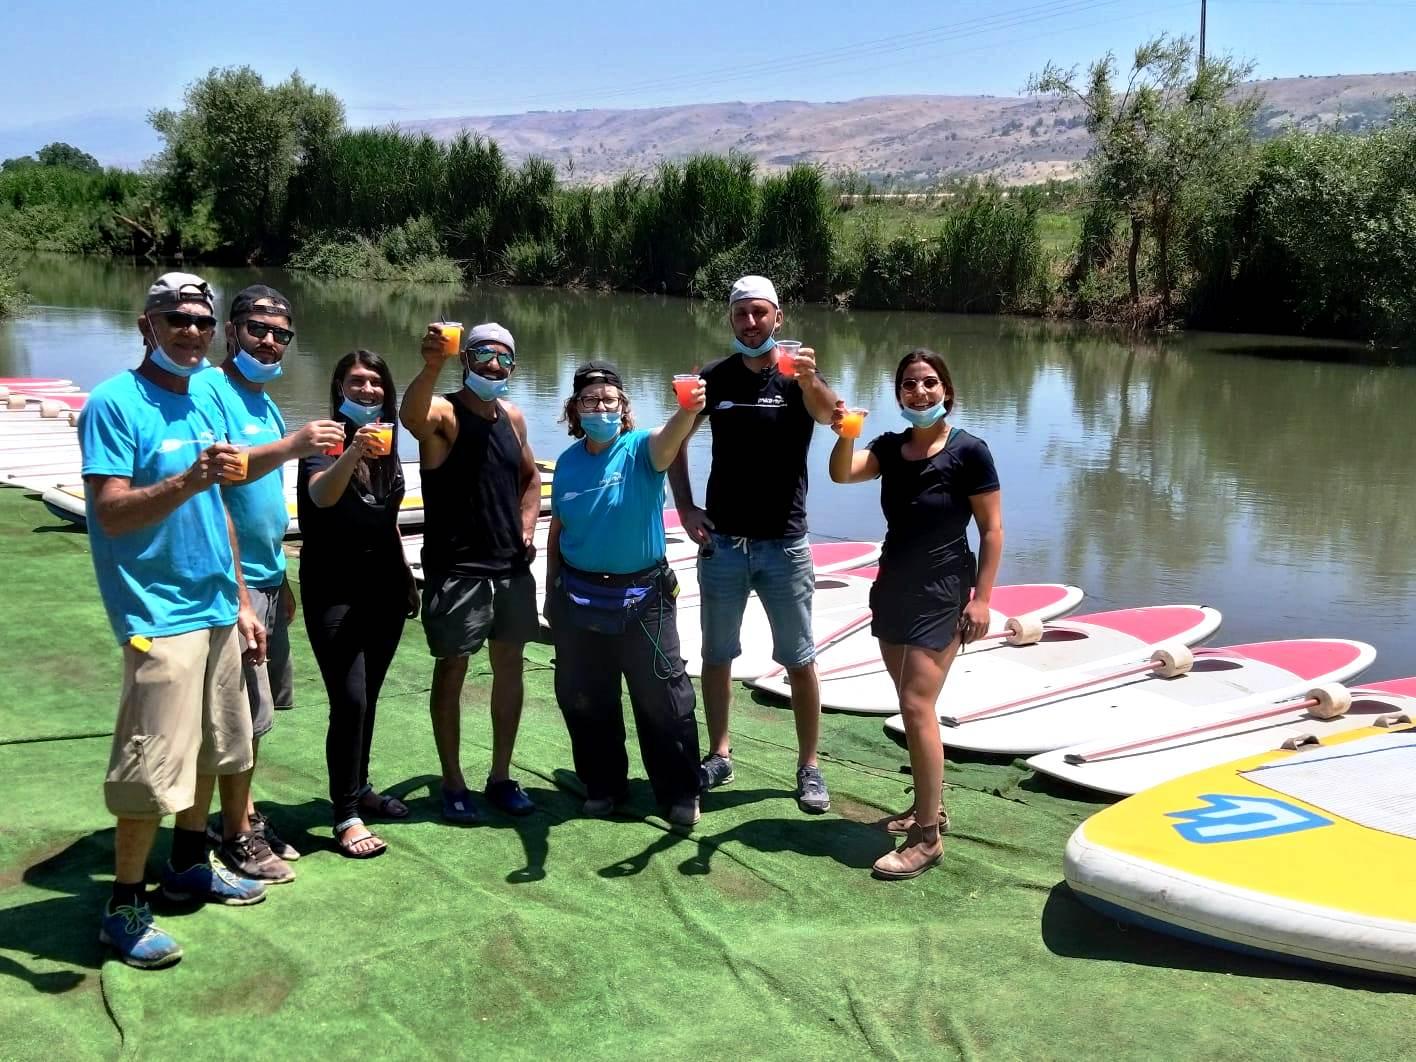 קבוצה ראשונה לאחר הקורונה בילתה באתר השייט והאטרקציות אינדי פארק על גדות הירדן